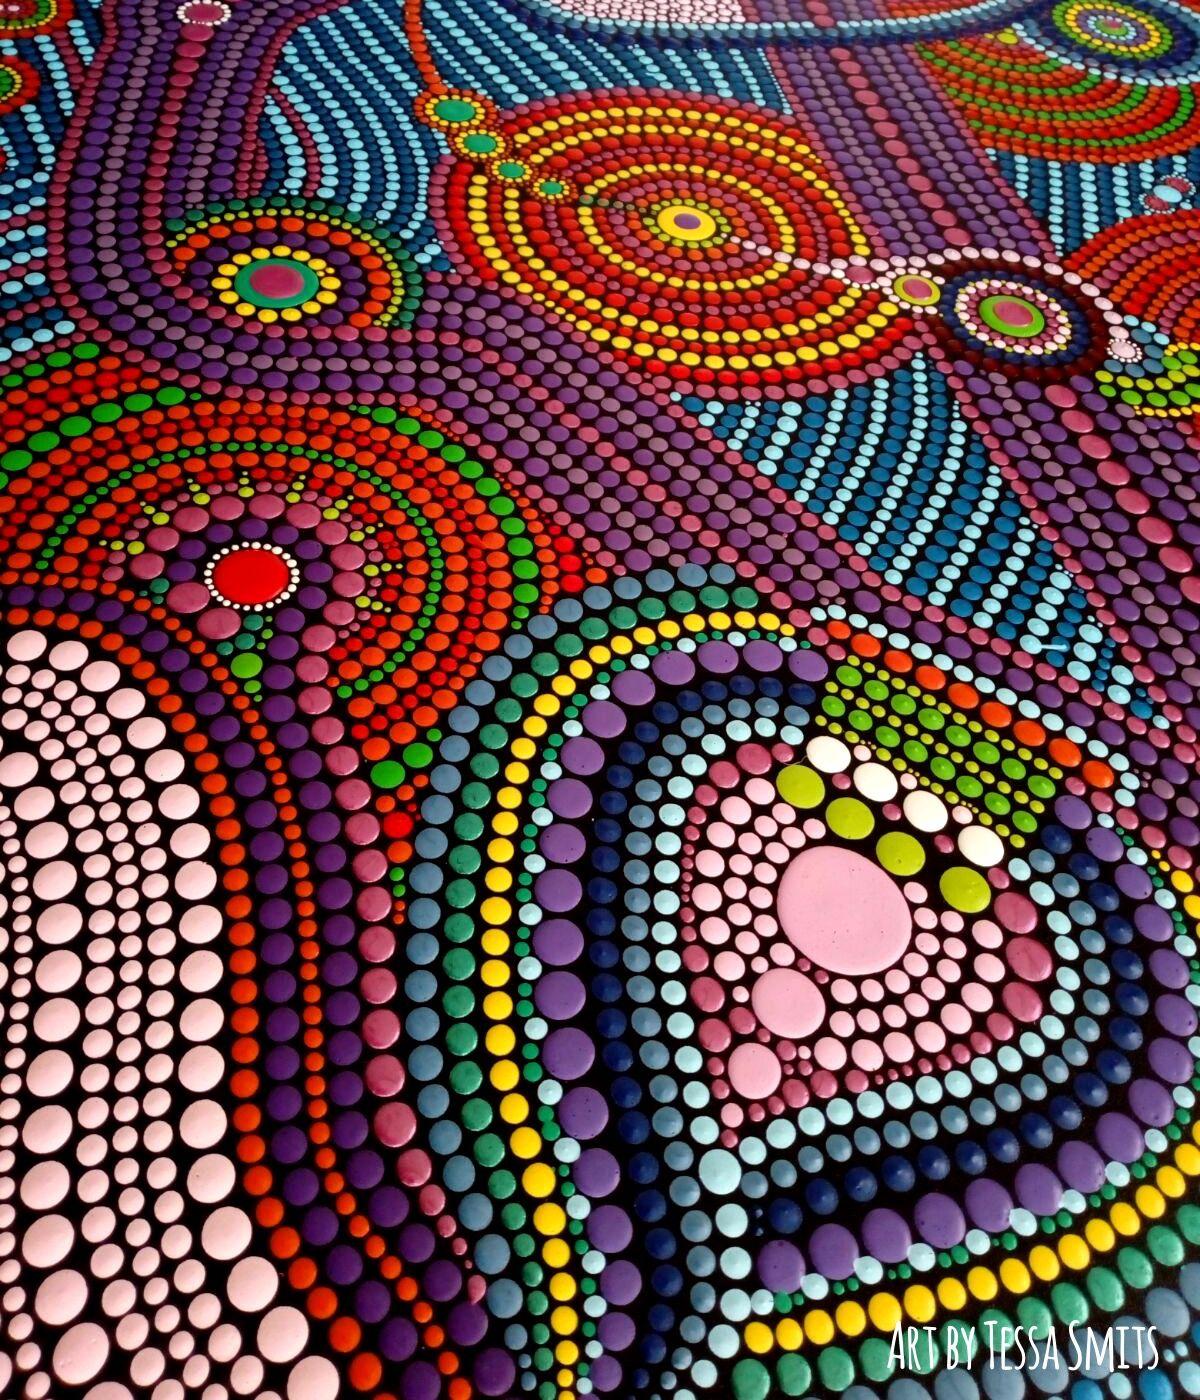 Abstract Dot Art schilderij No.558 | Stippen schilderij | Pinterest ...